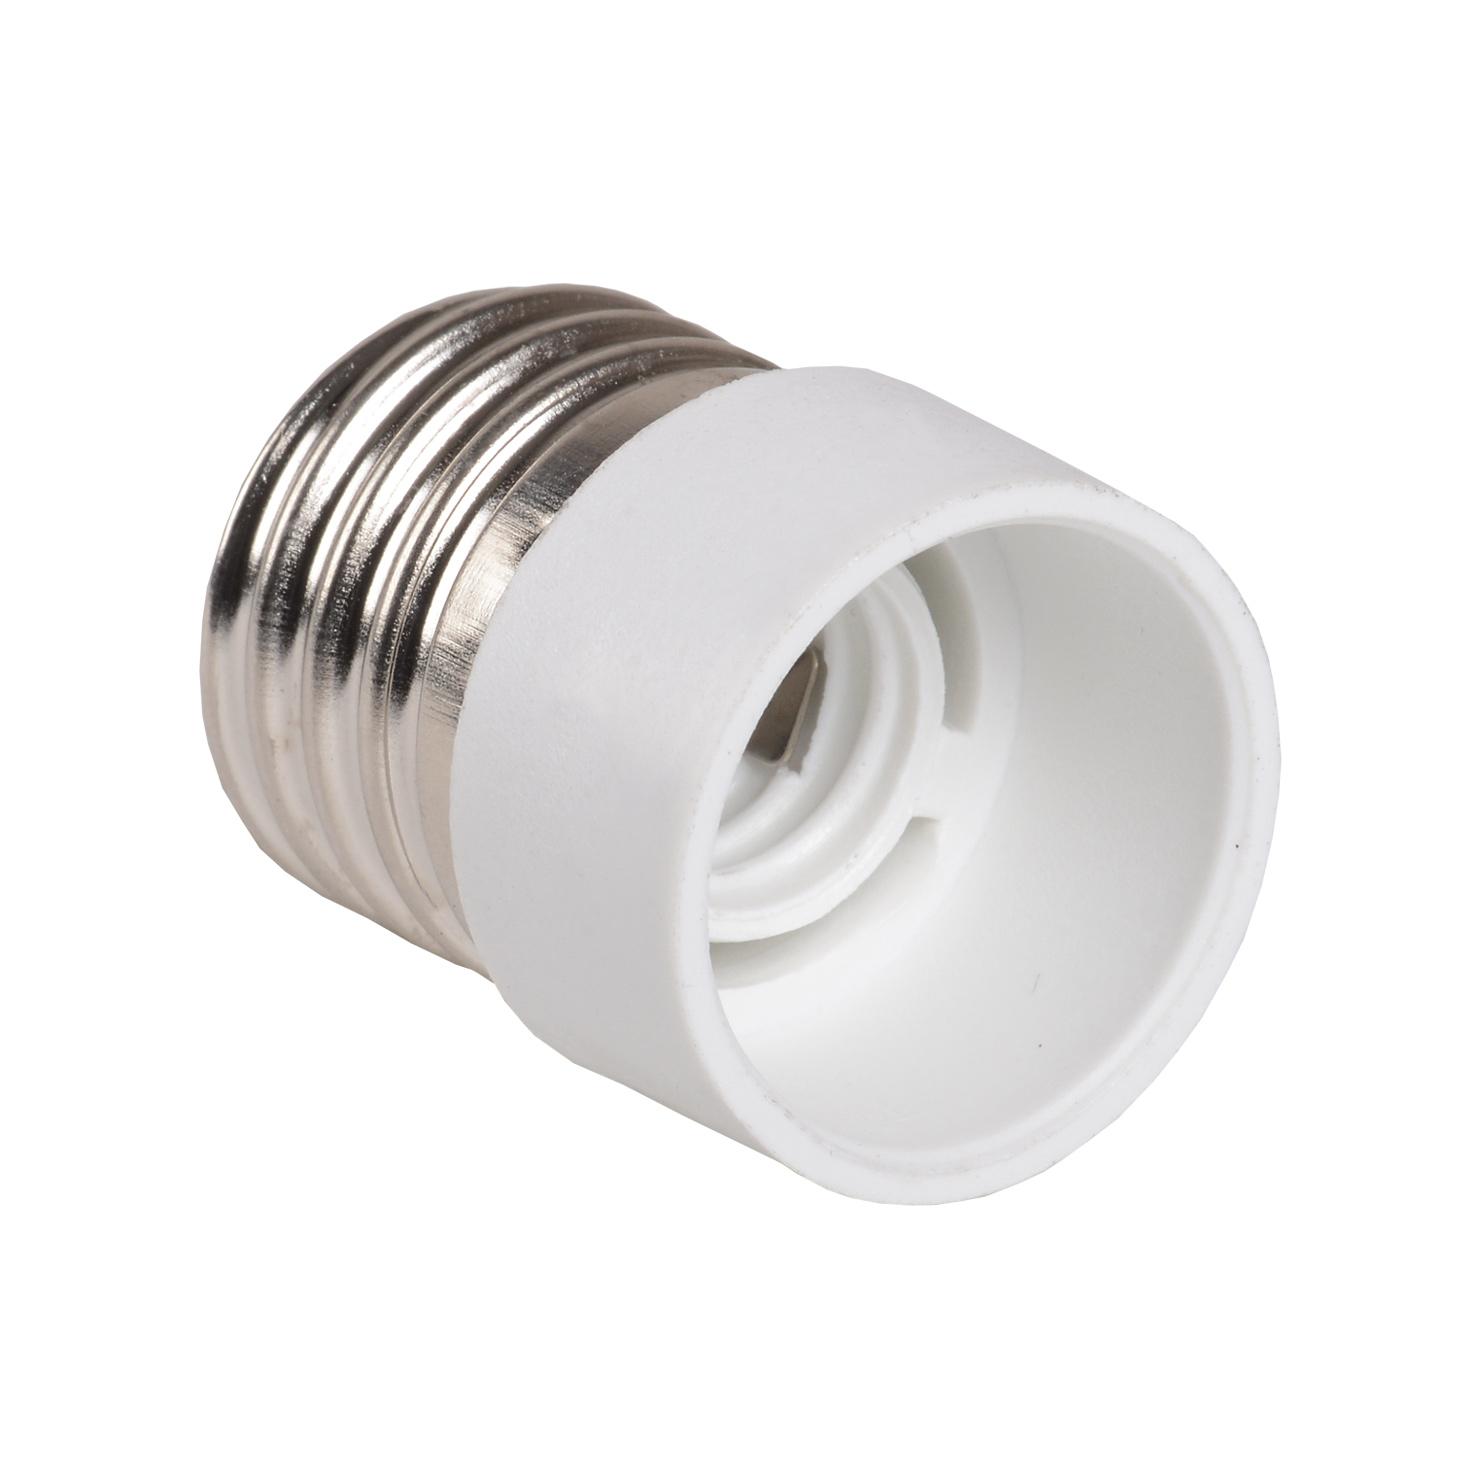 Переходник Е27-Е14 ПР27-14-К02 пластик белый (индивидуальный пакет) IEK